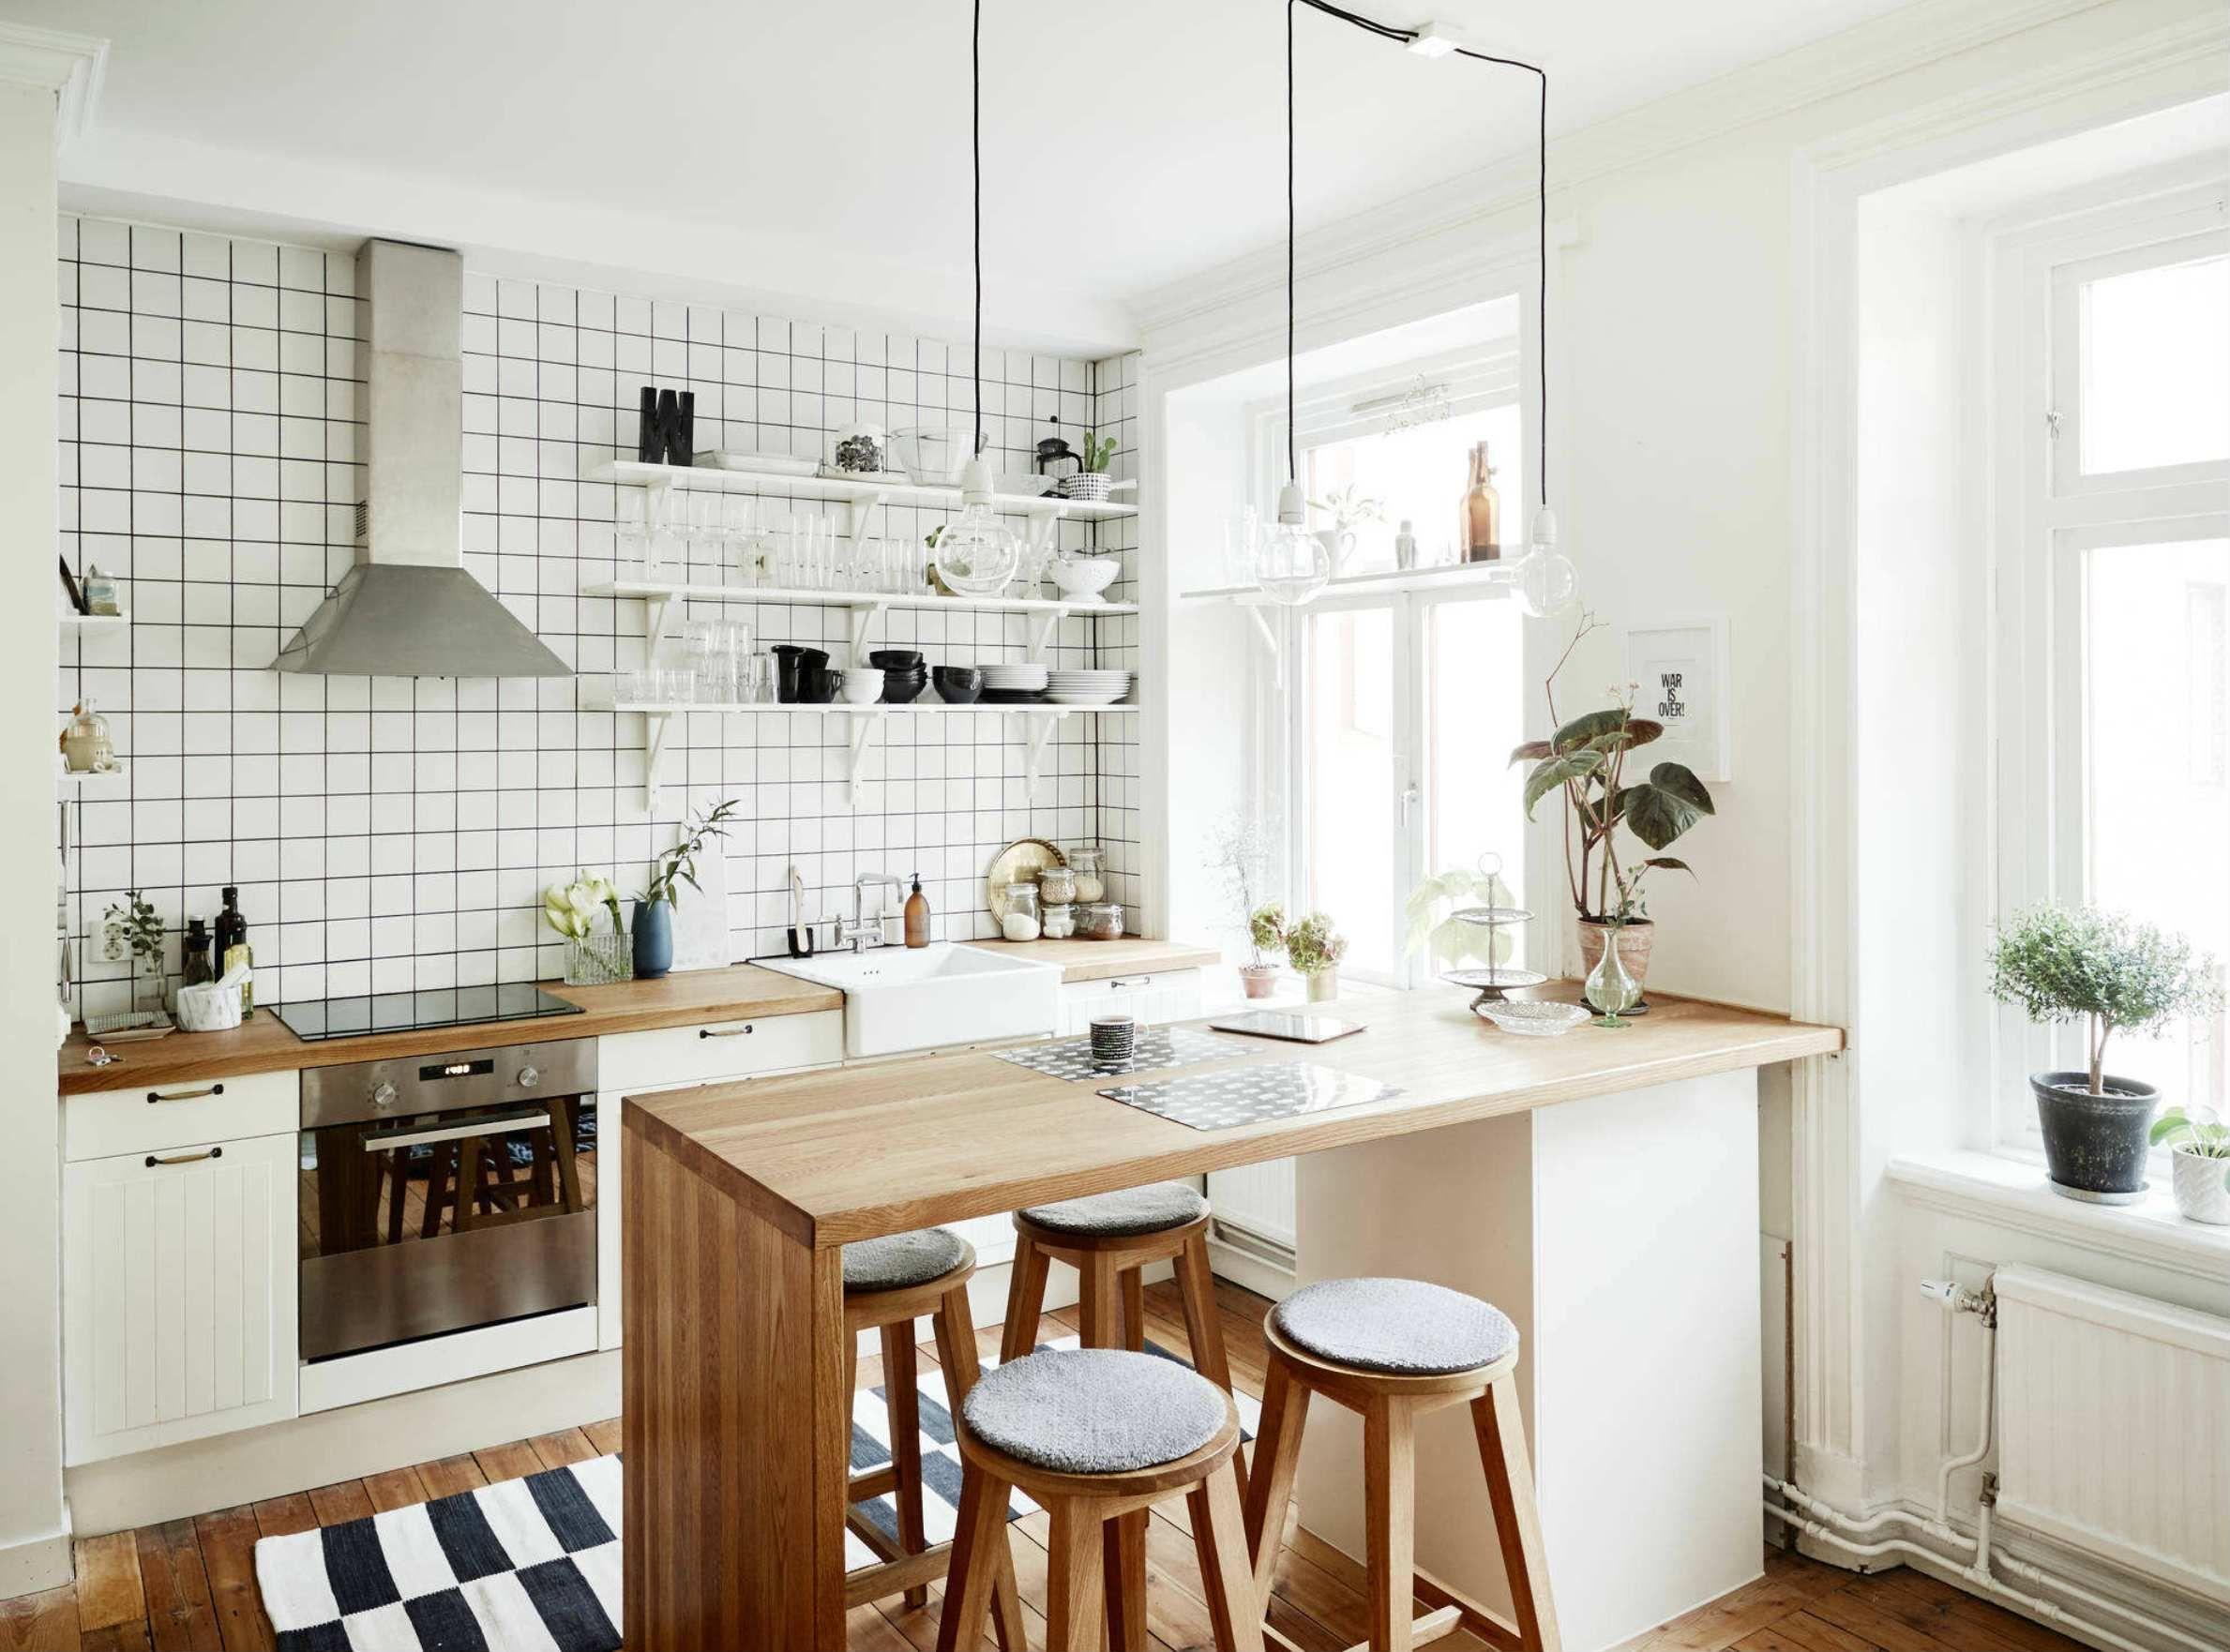 Abierta al salon - Ideas para reformar tu cocina | cocinas ...